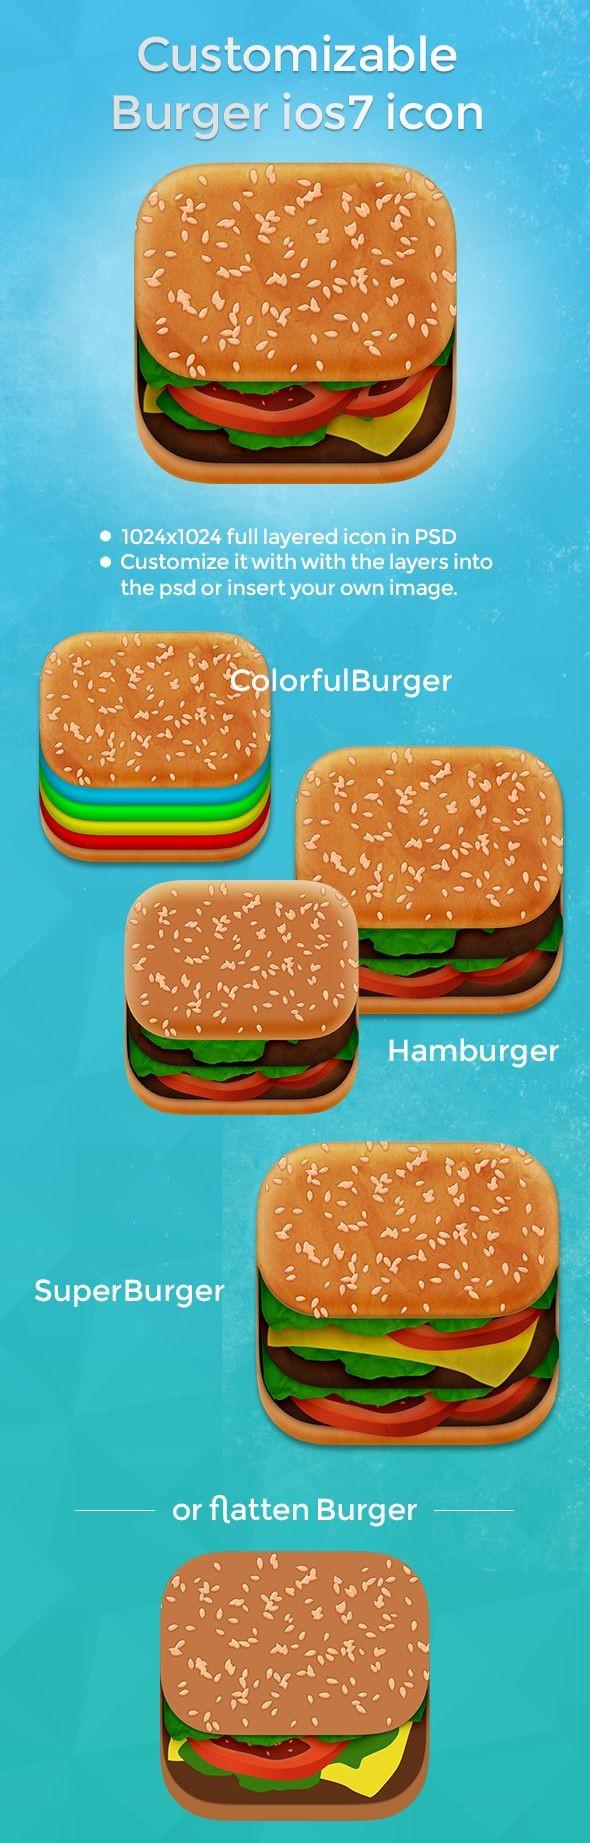 Burger app icon - big mac